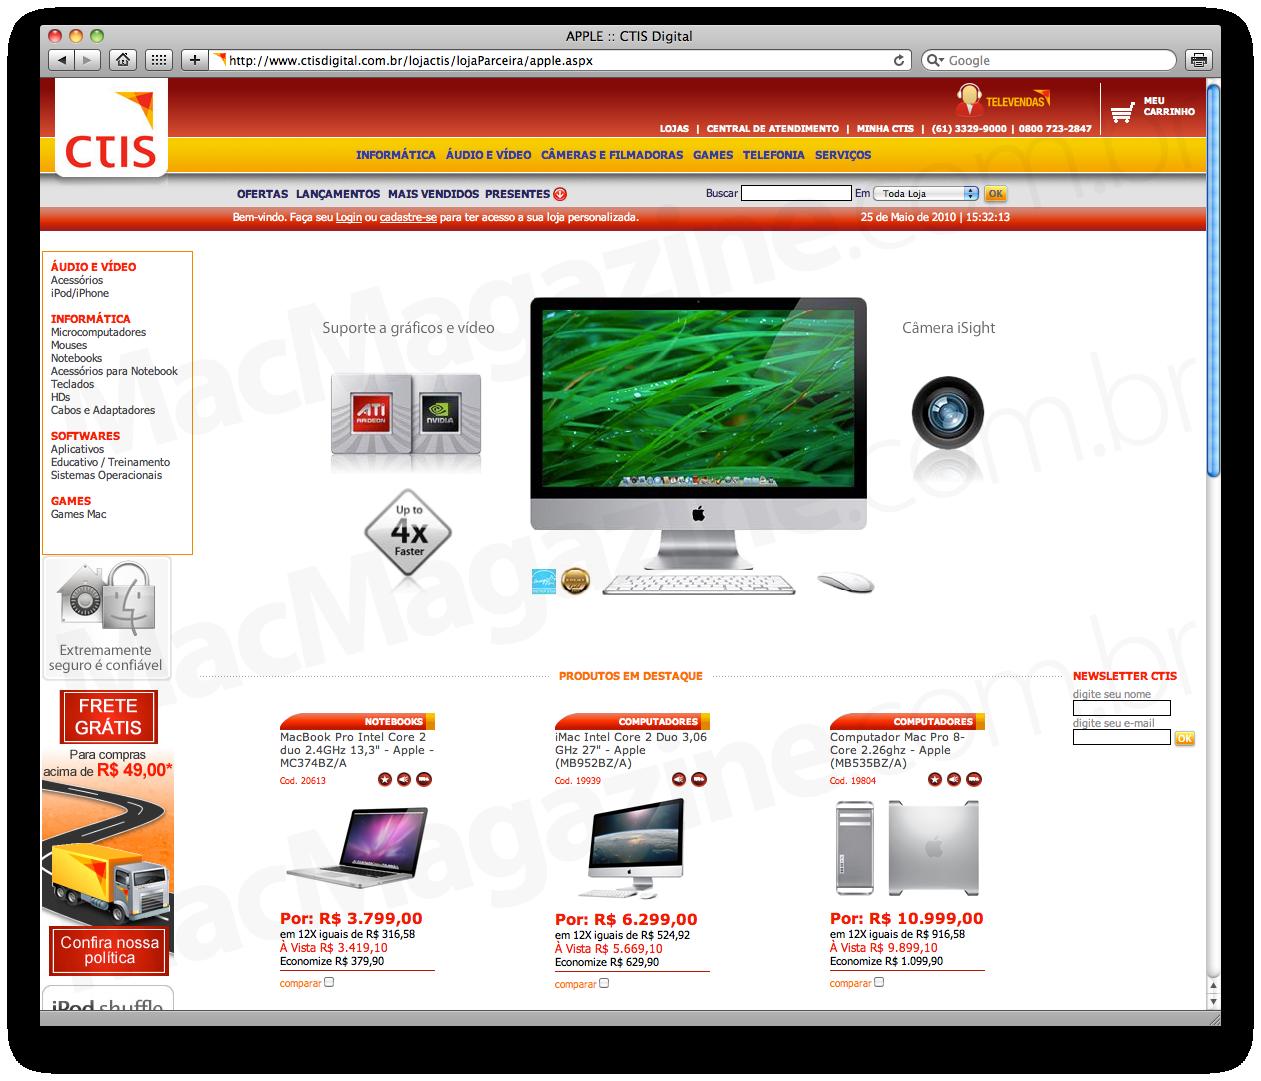 Apple no site da CTIS Digital